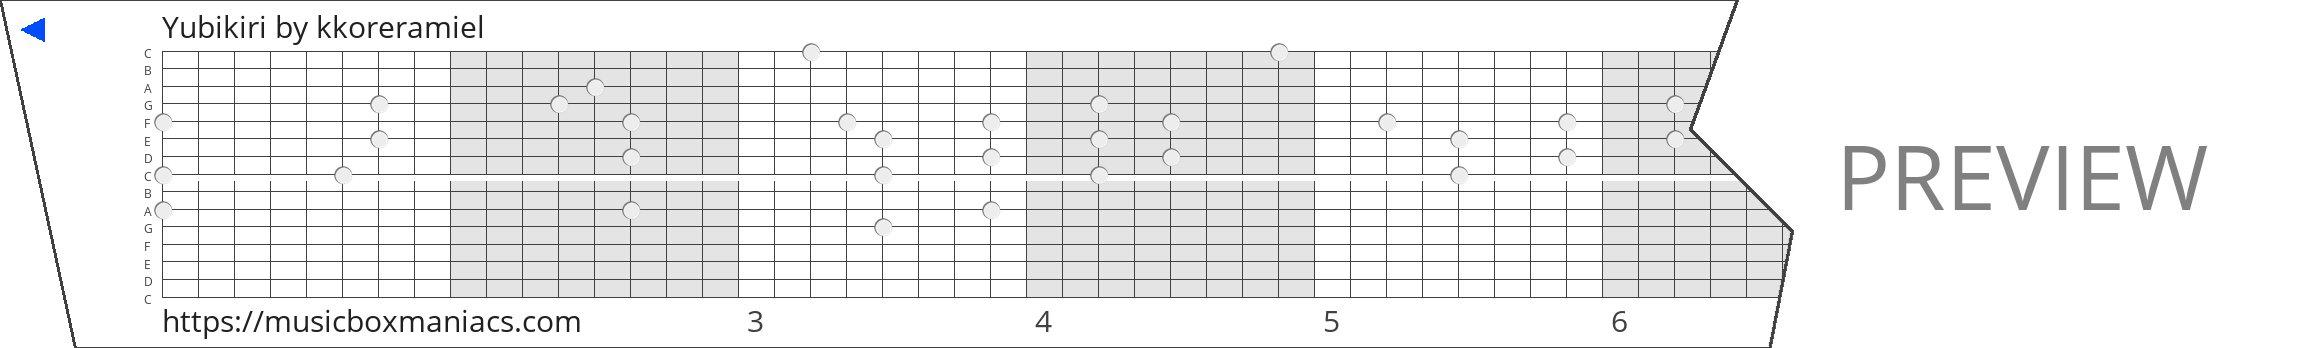 Yubikiri 15 note music box paper strip